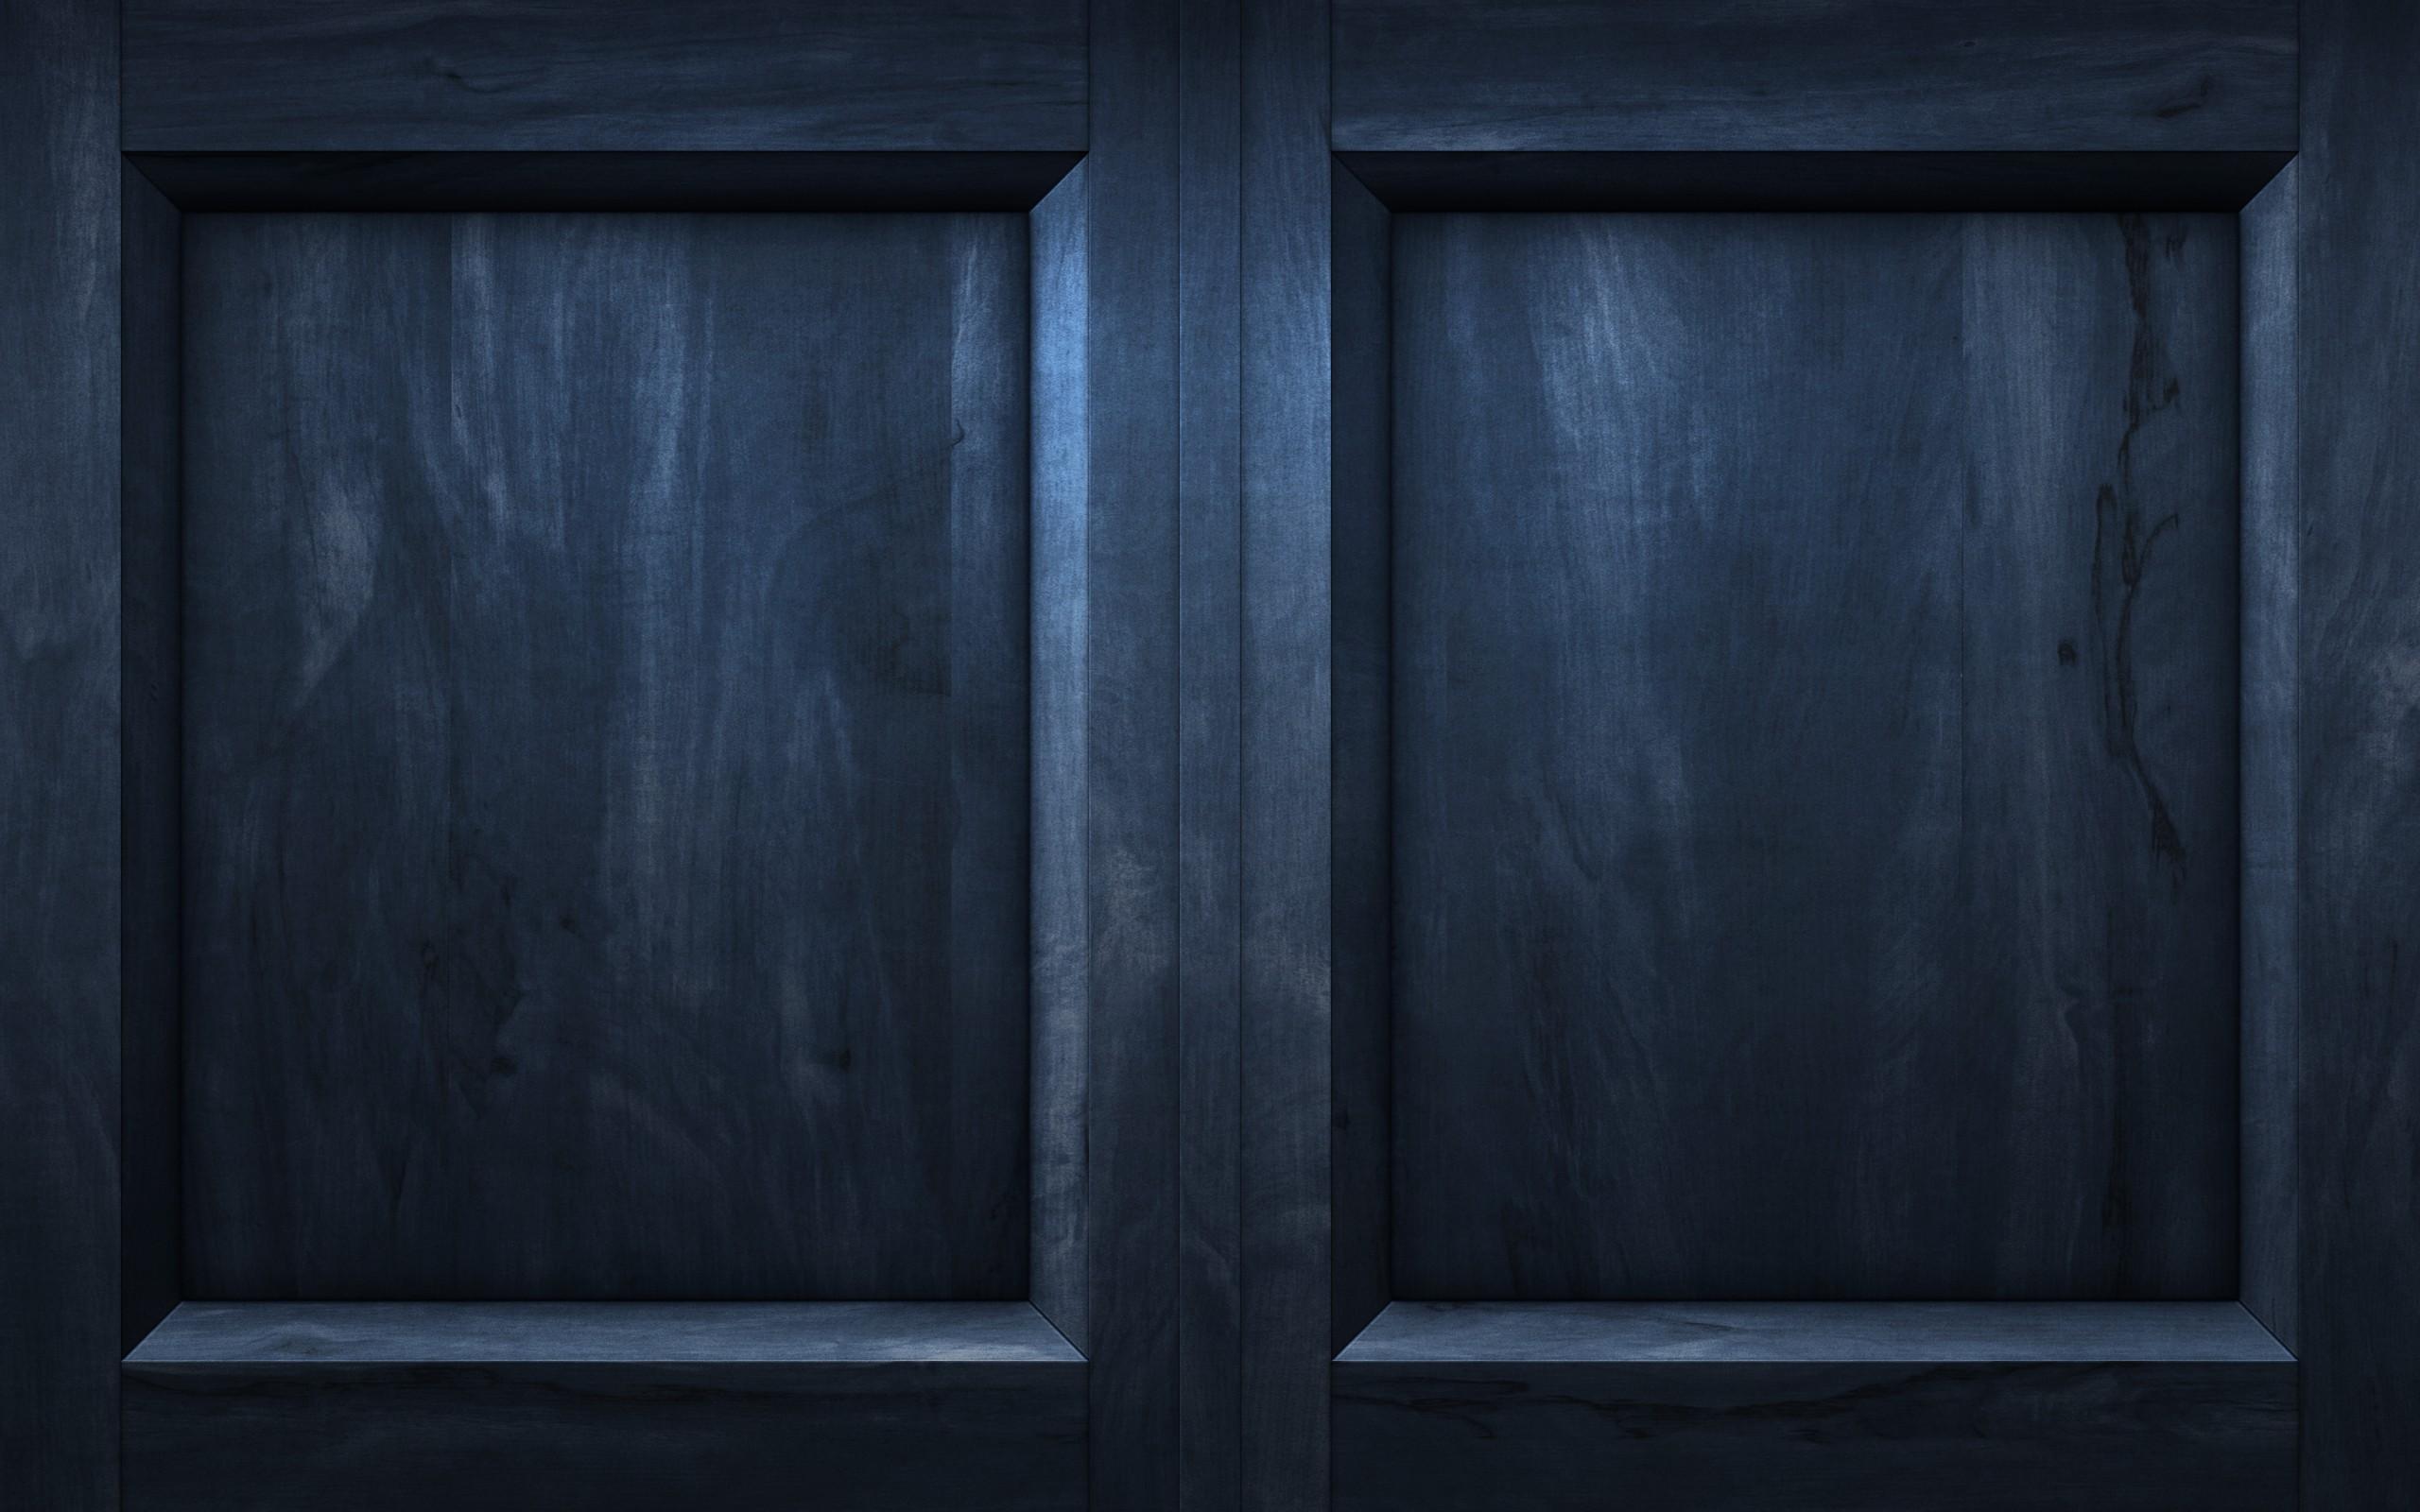 Fond d 39 cran blanc noir monochrome fen tre for Fenetre noir interieur